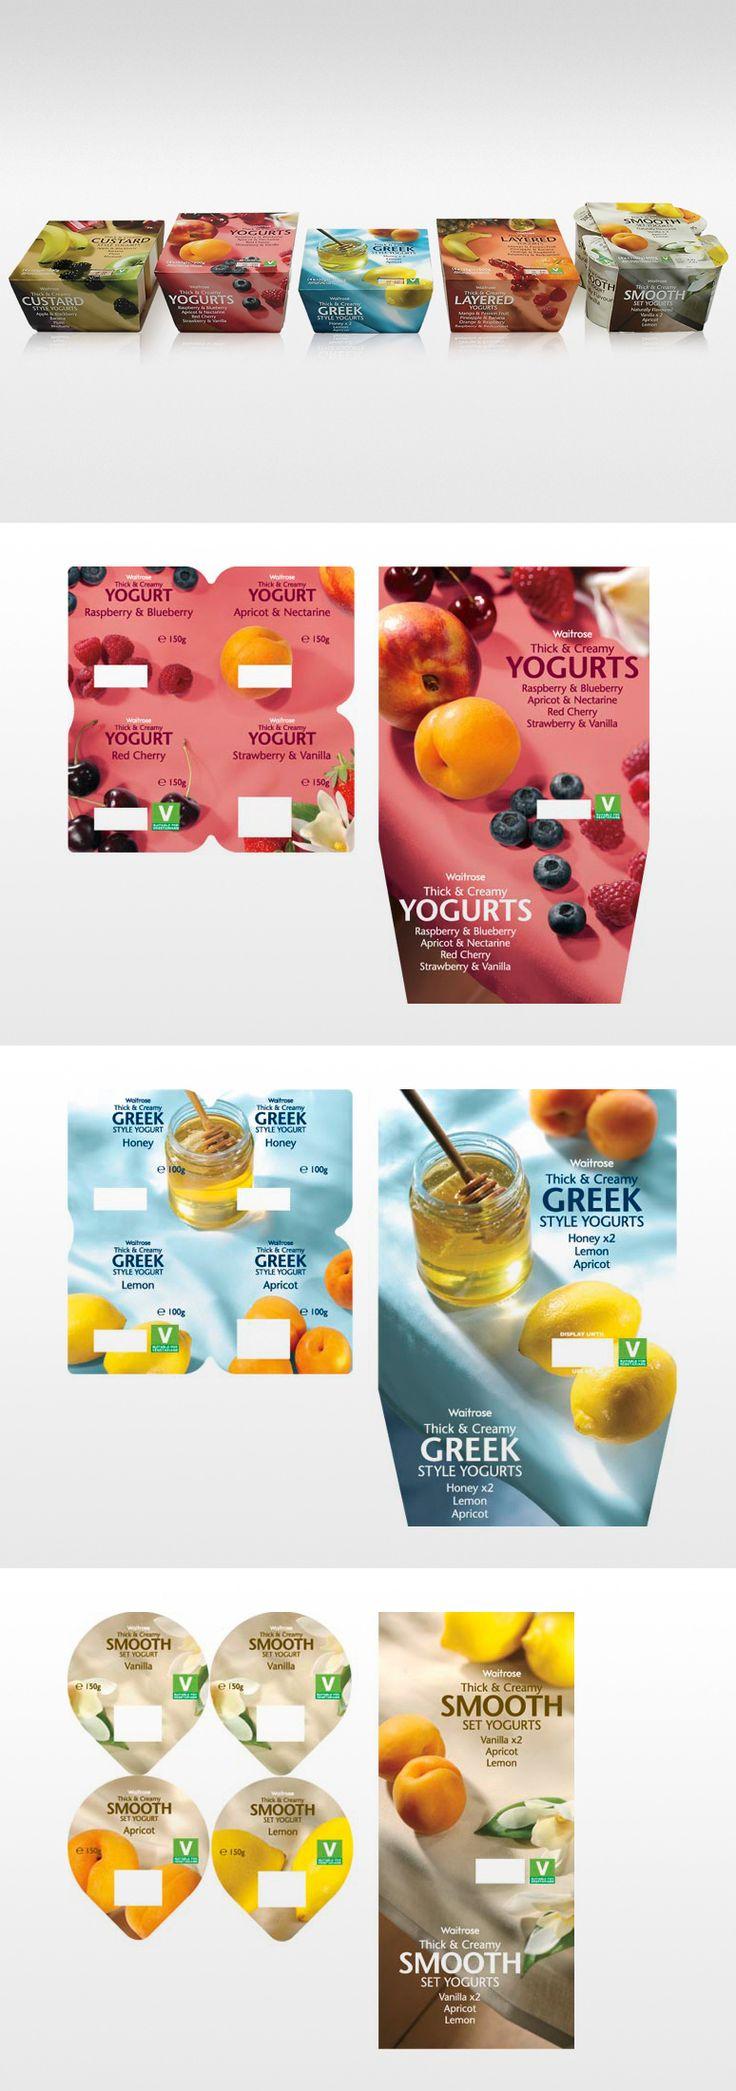 waitrose yogurts